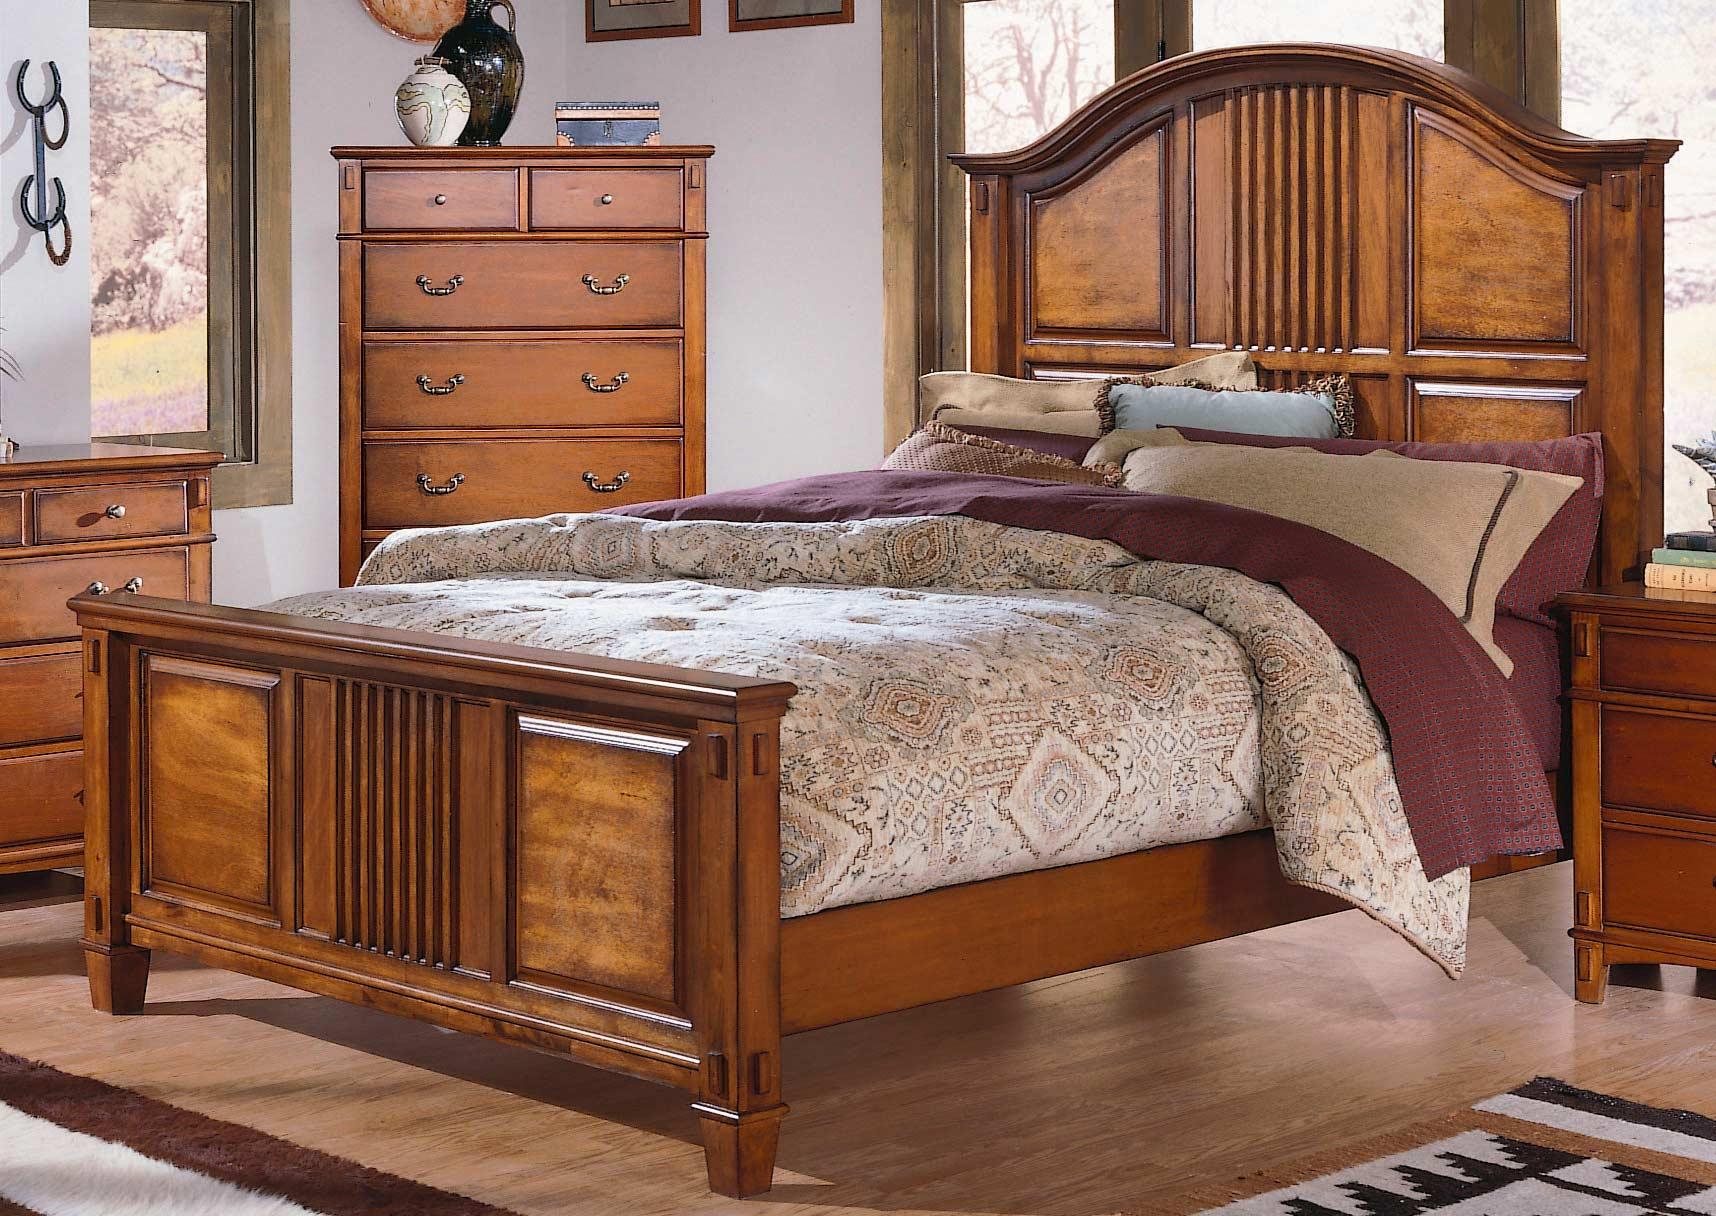 Homelegance Mission Hills Bed